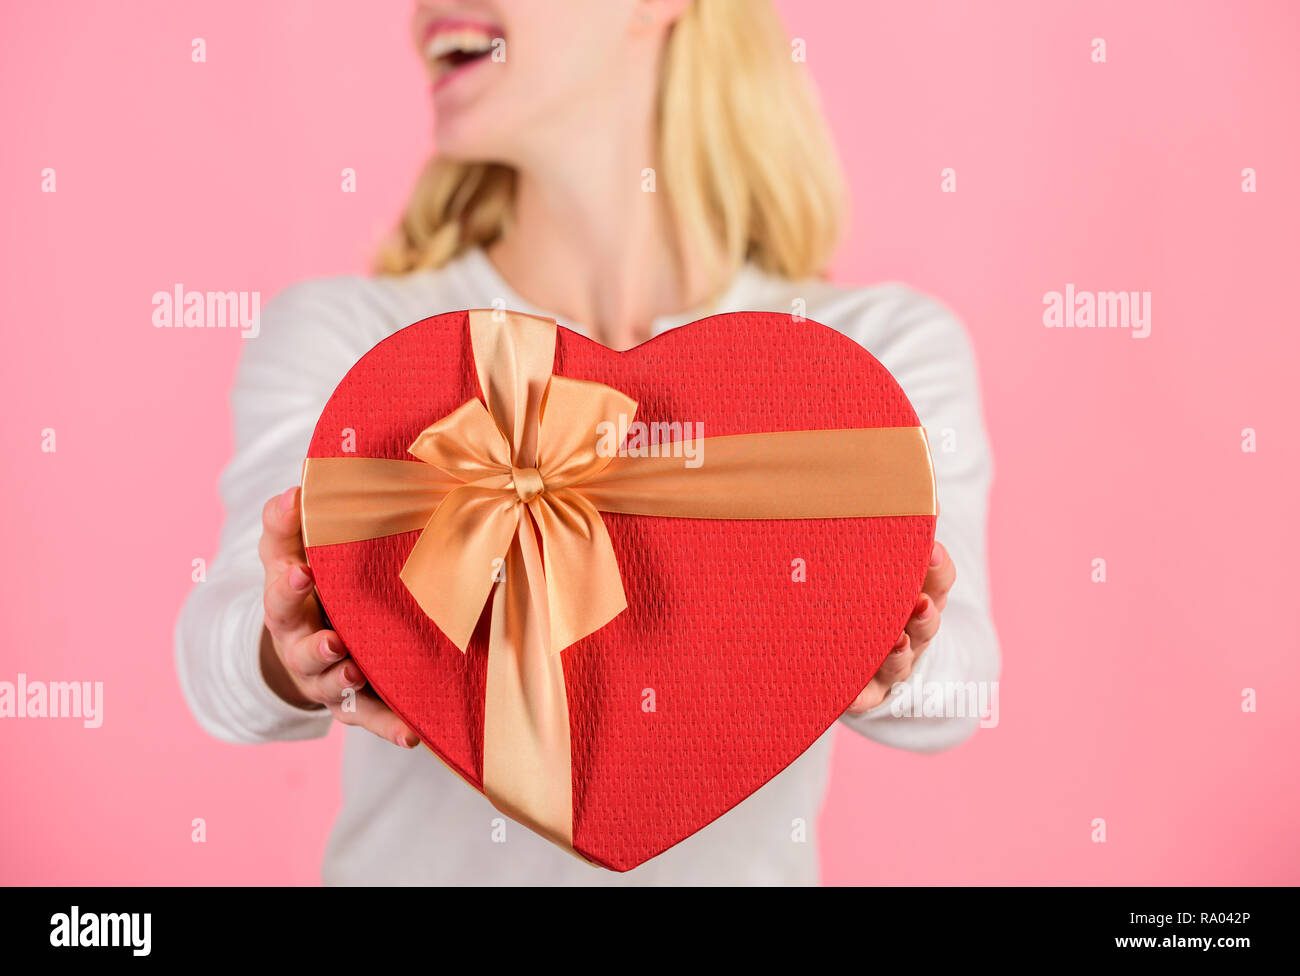 Preparato qualcosa di speciale per lui. Ella persona romantica. Regalo di San Valentino per il mio ragazzo. Trovare un regalo speciale per il mio ragazzo fidanzato o il marito. Romantica sorpresa per lui. Mani femminili in attesa di confezione regalo. Immagini Stock